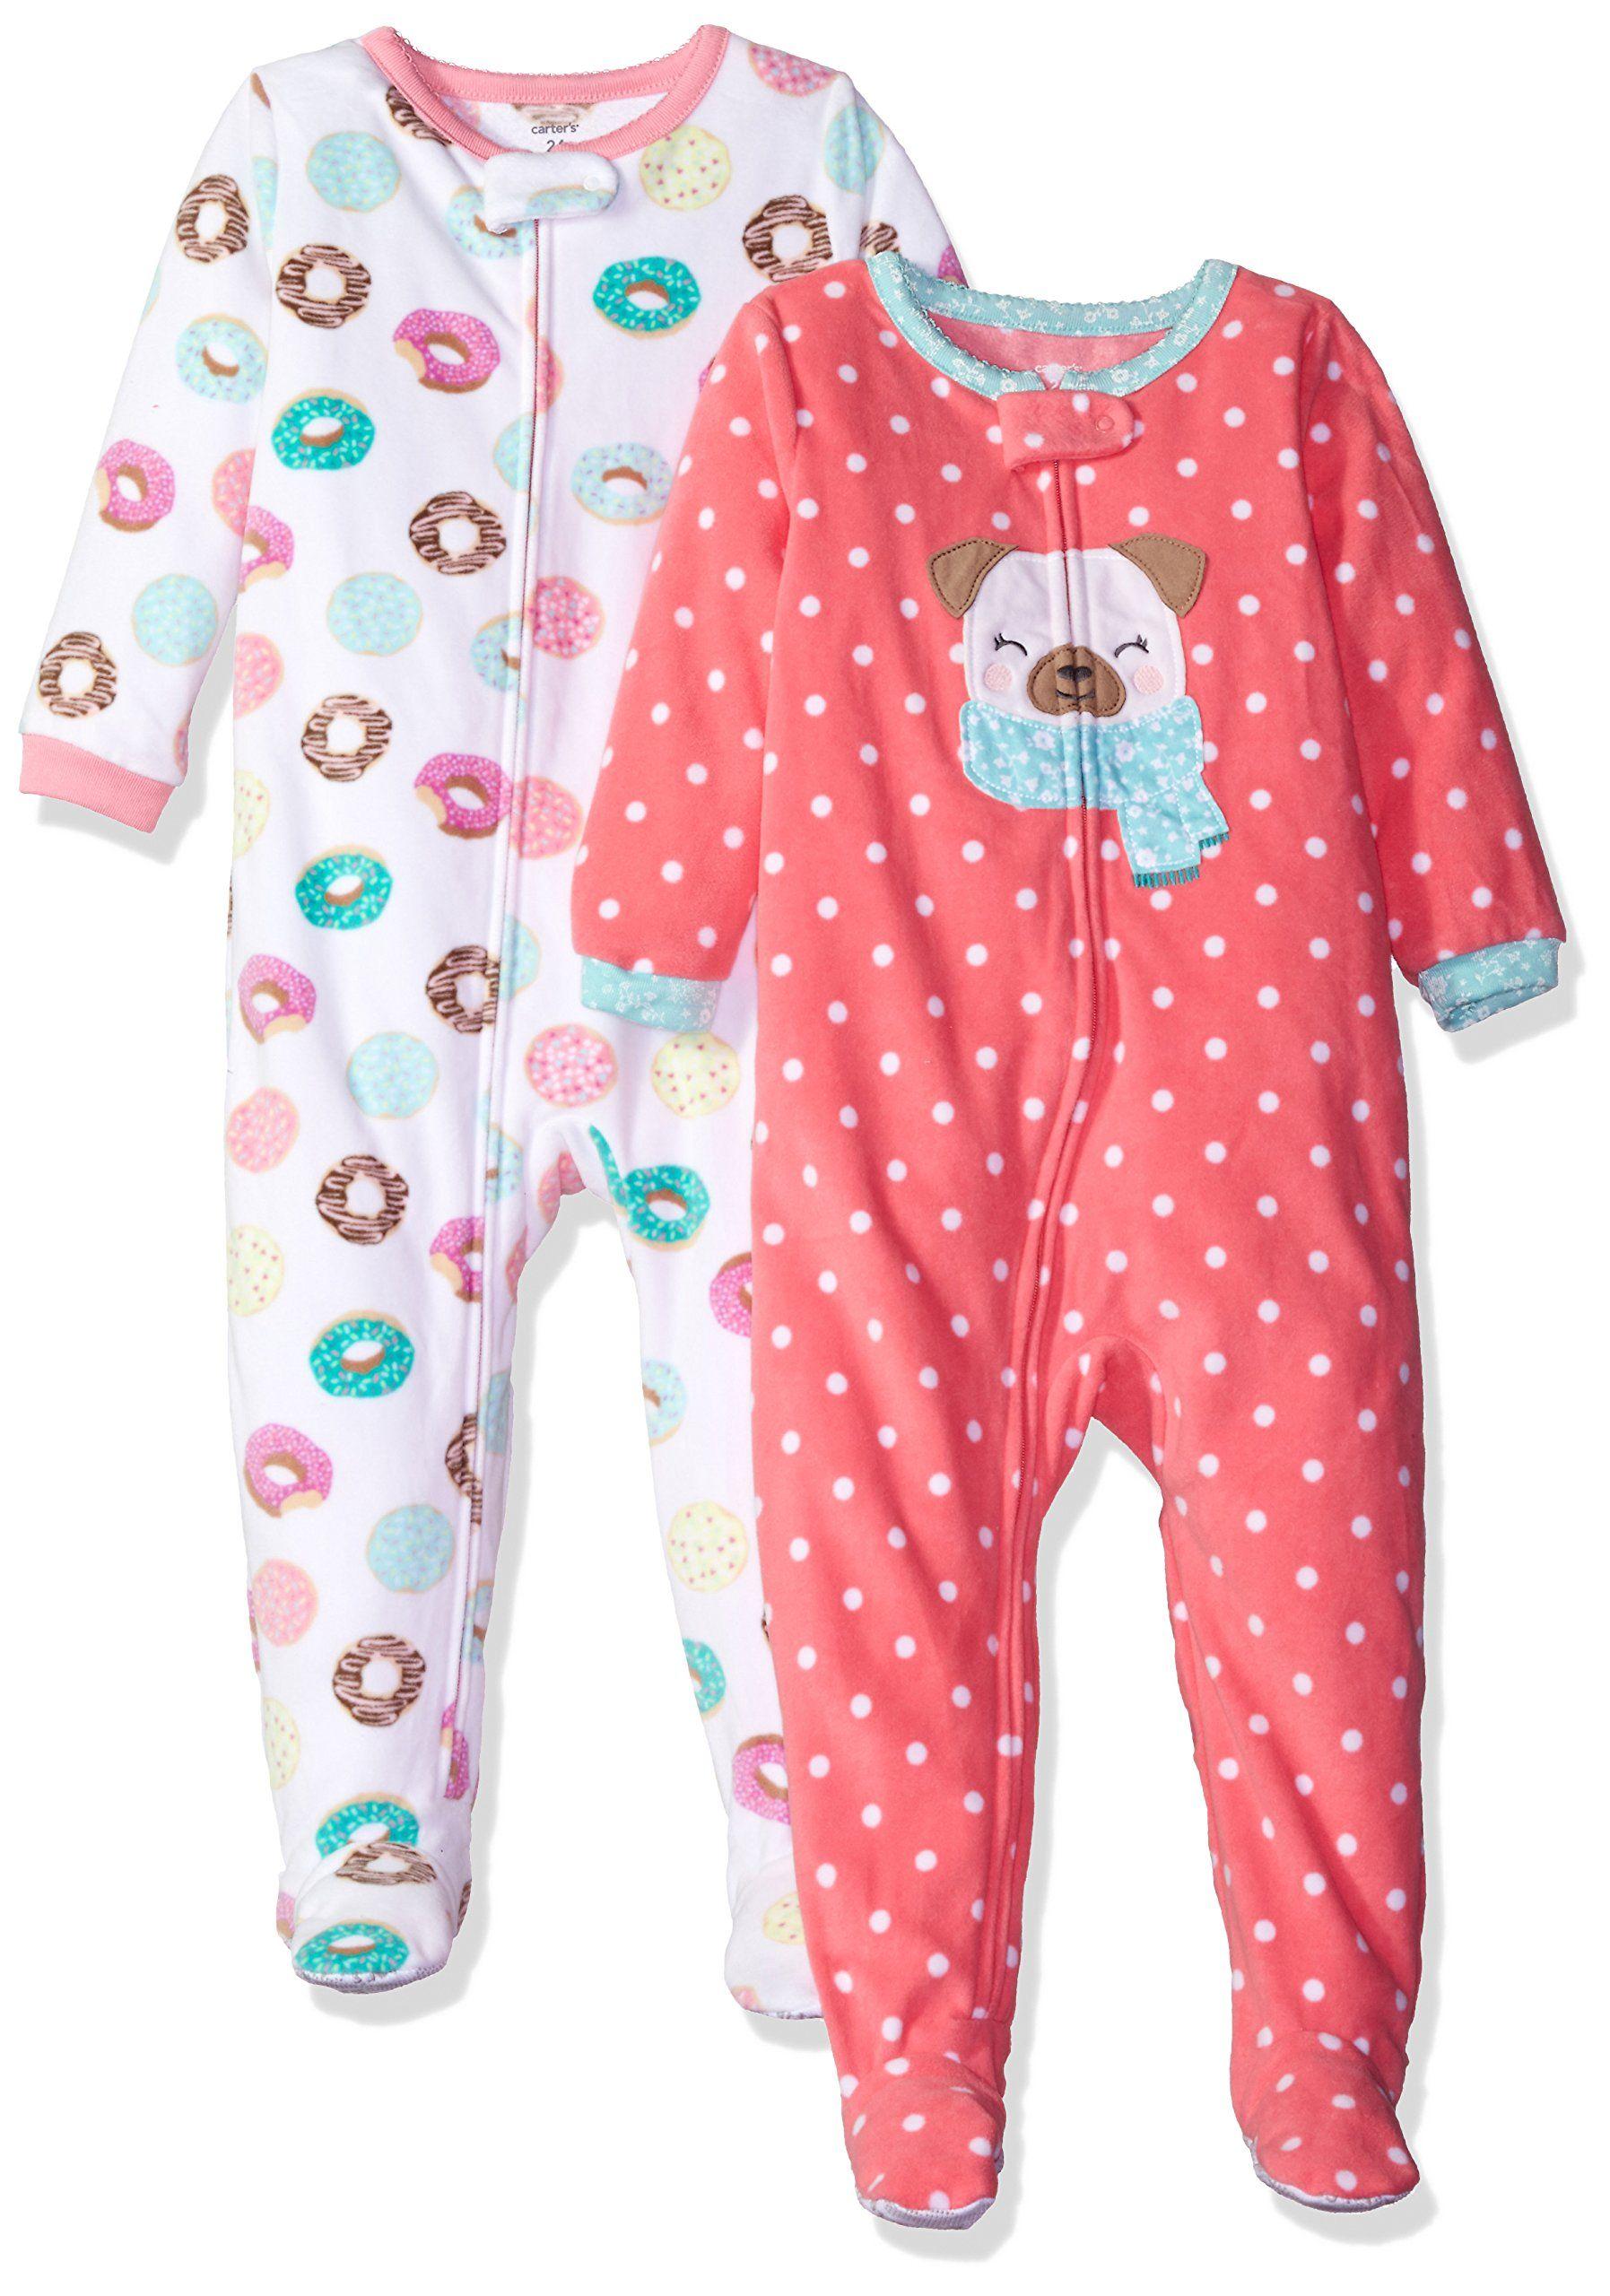 3a0bb8c06 Carter s Girls  2-Pack Fleece Pajama Set